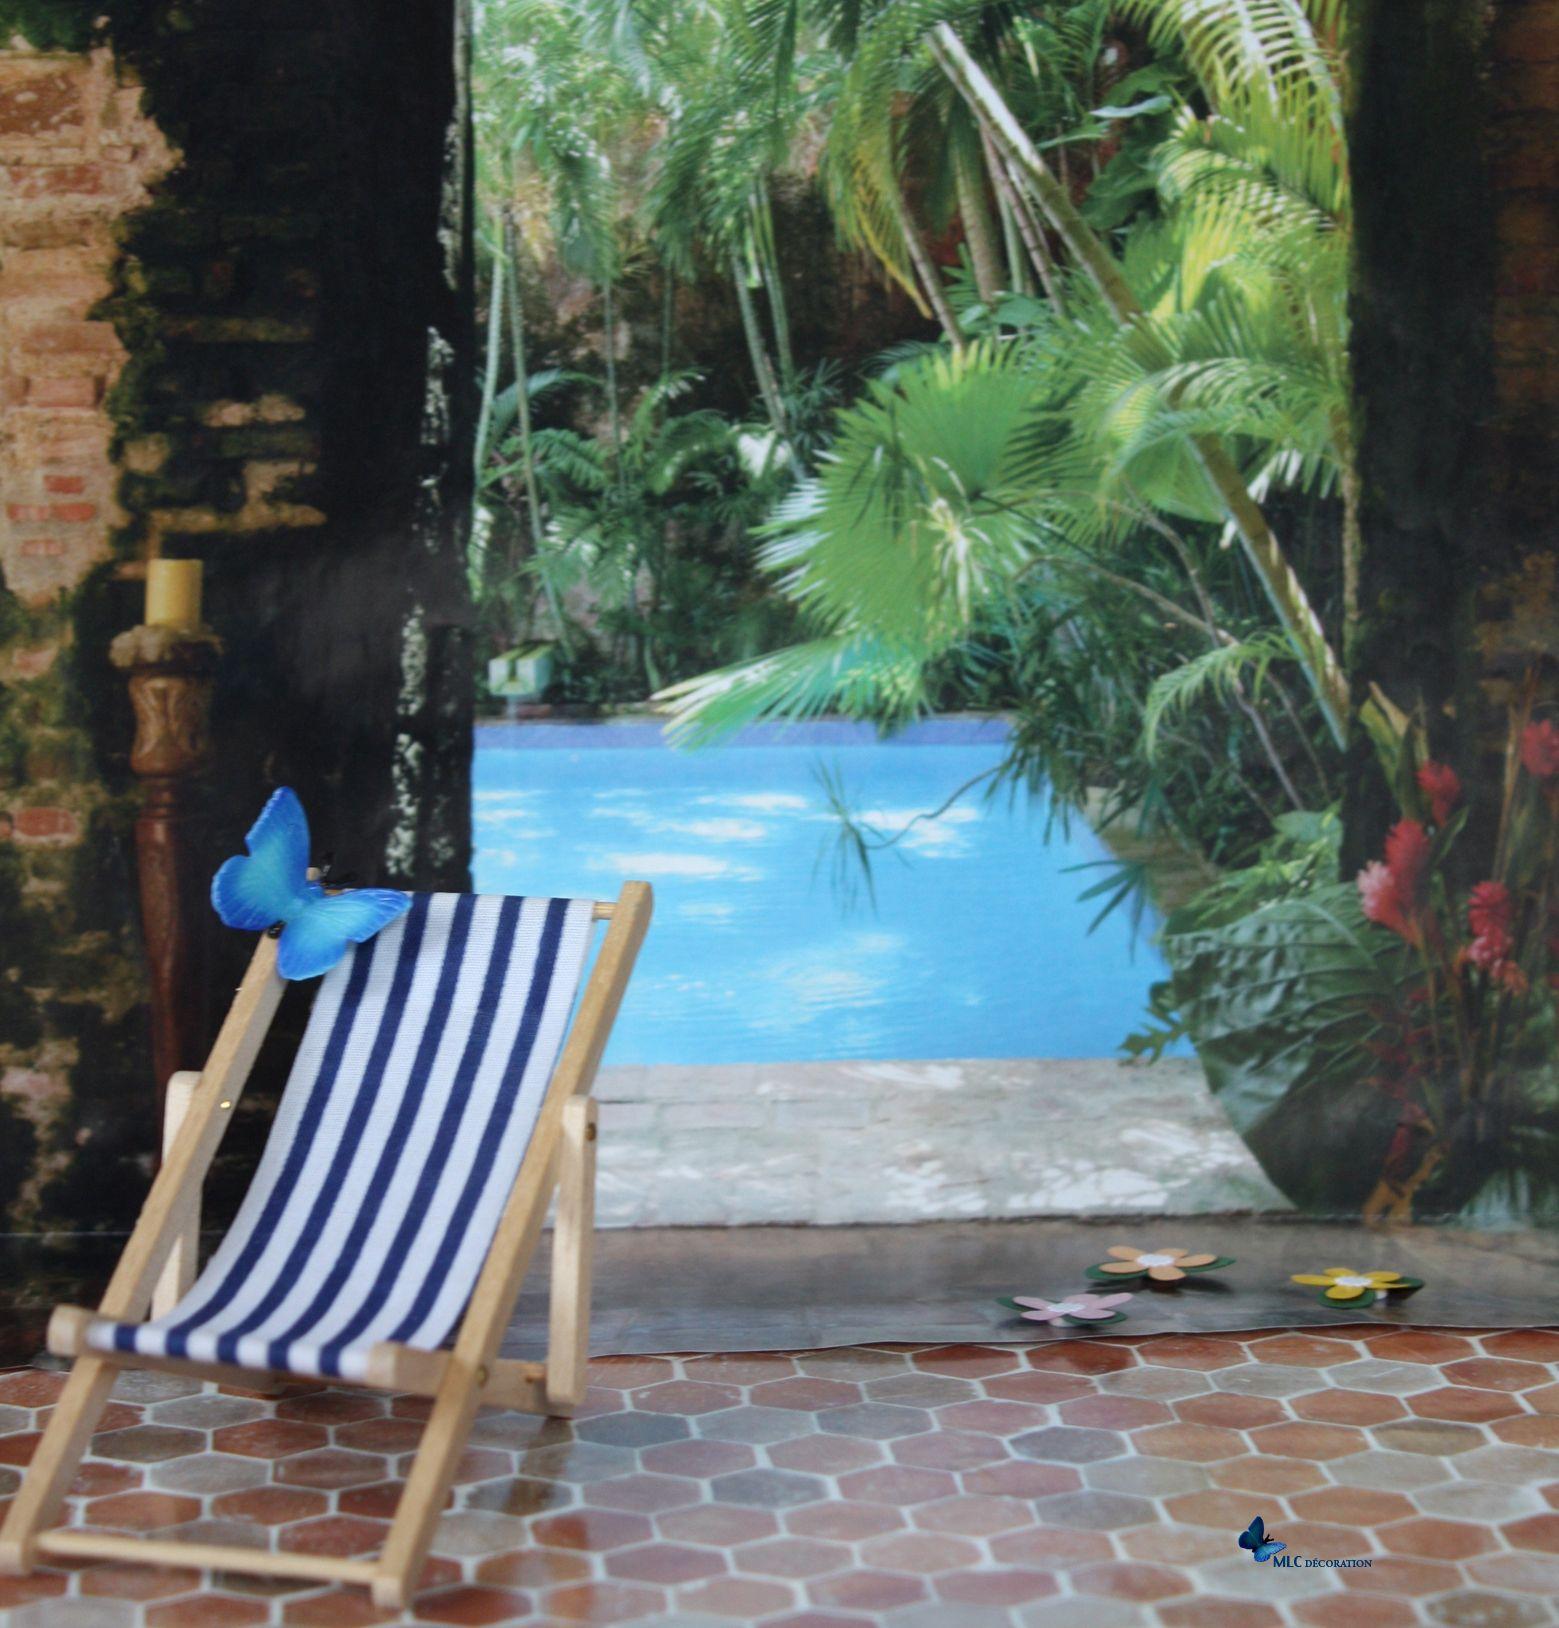 transat et papillon piscine composition mlc le blog deco de mlc transat pour jardin. Black Bedroom Furniture Sets. Home Design Ideas